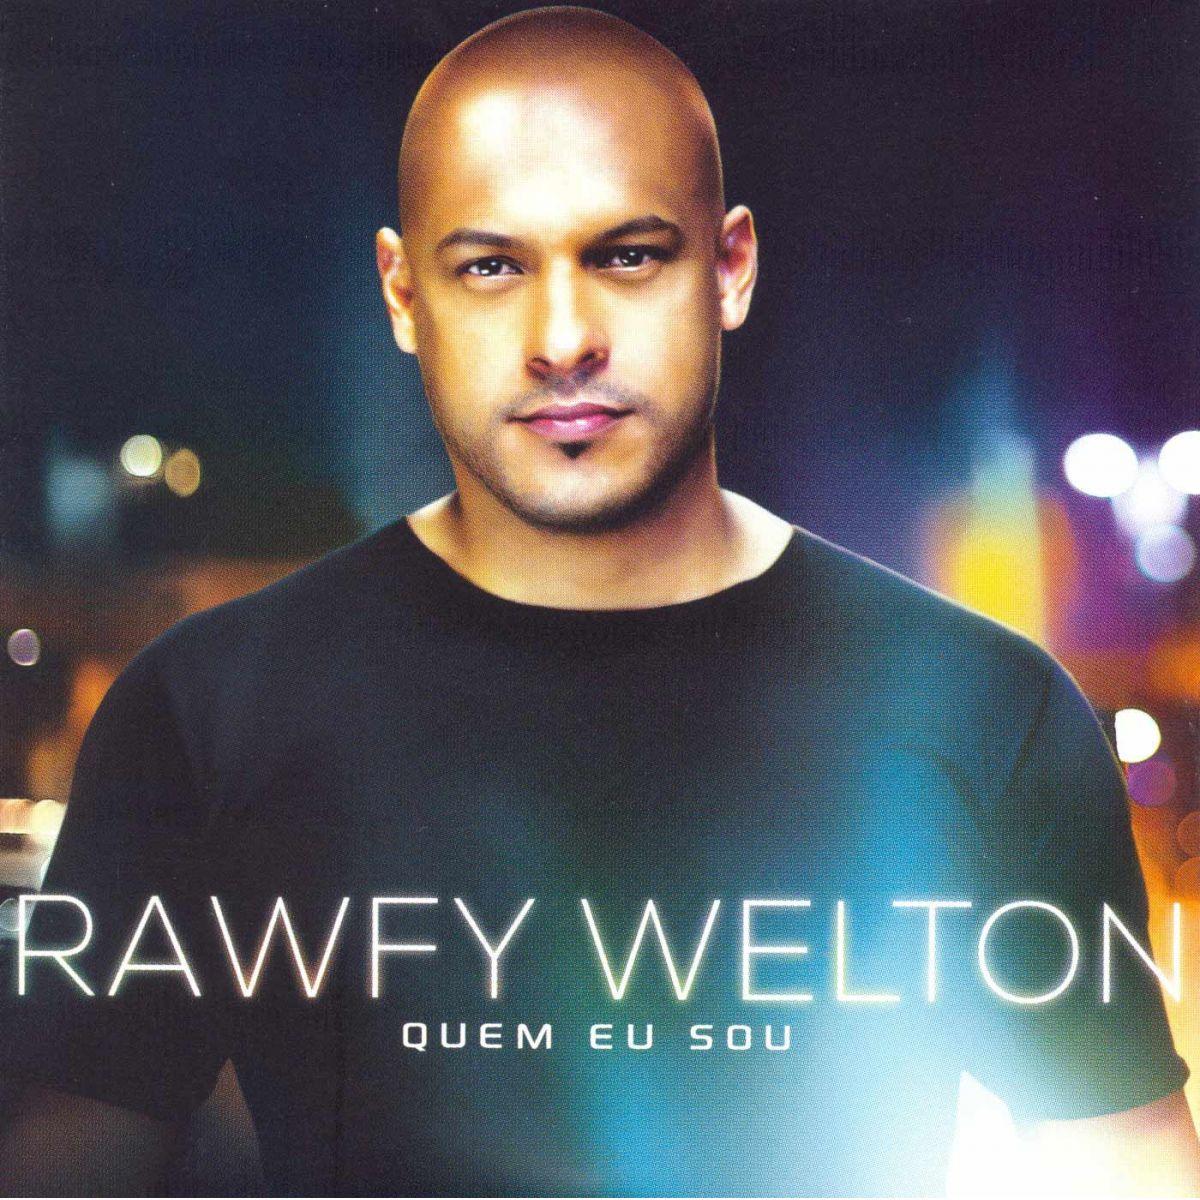 Rawfy Welton - Quem Sou Eu